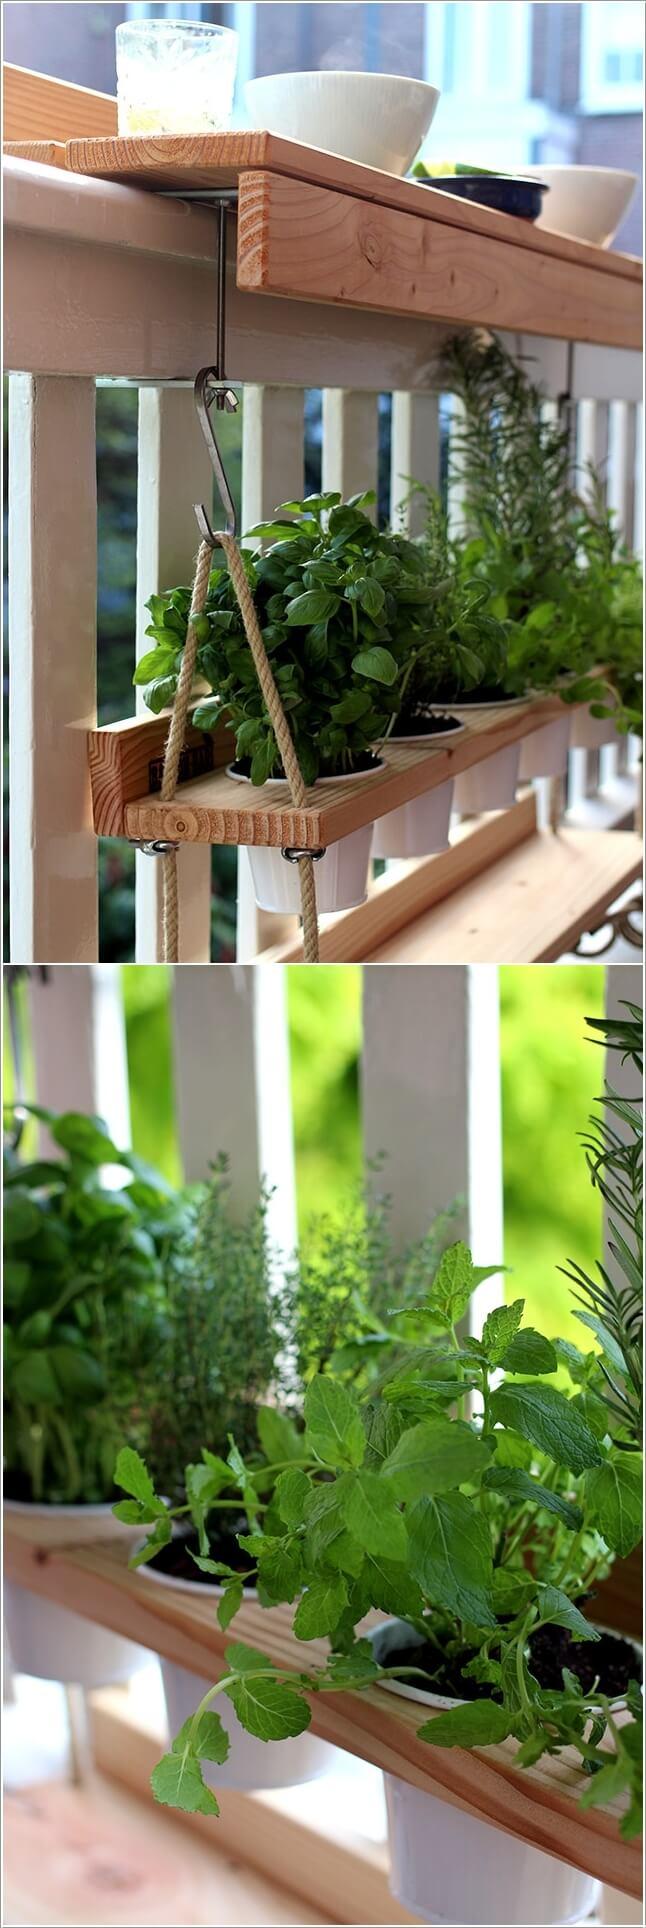 Trang trí ban công bằng gỗ